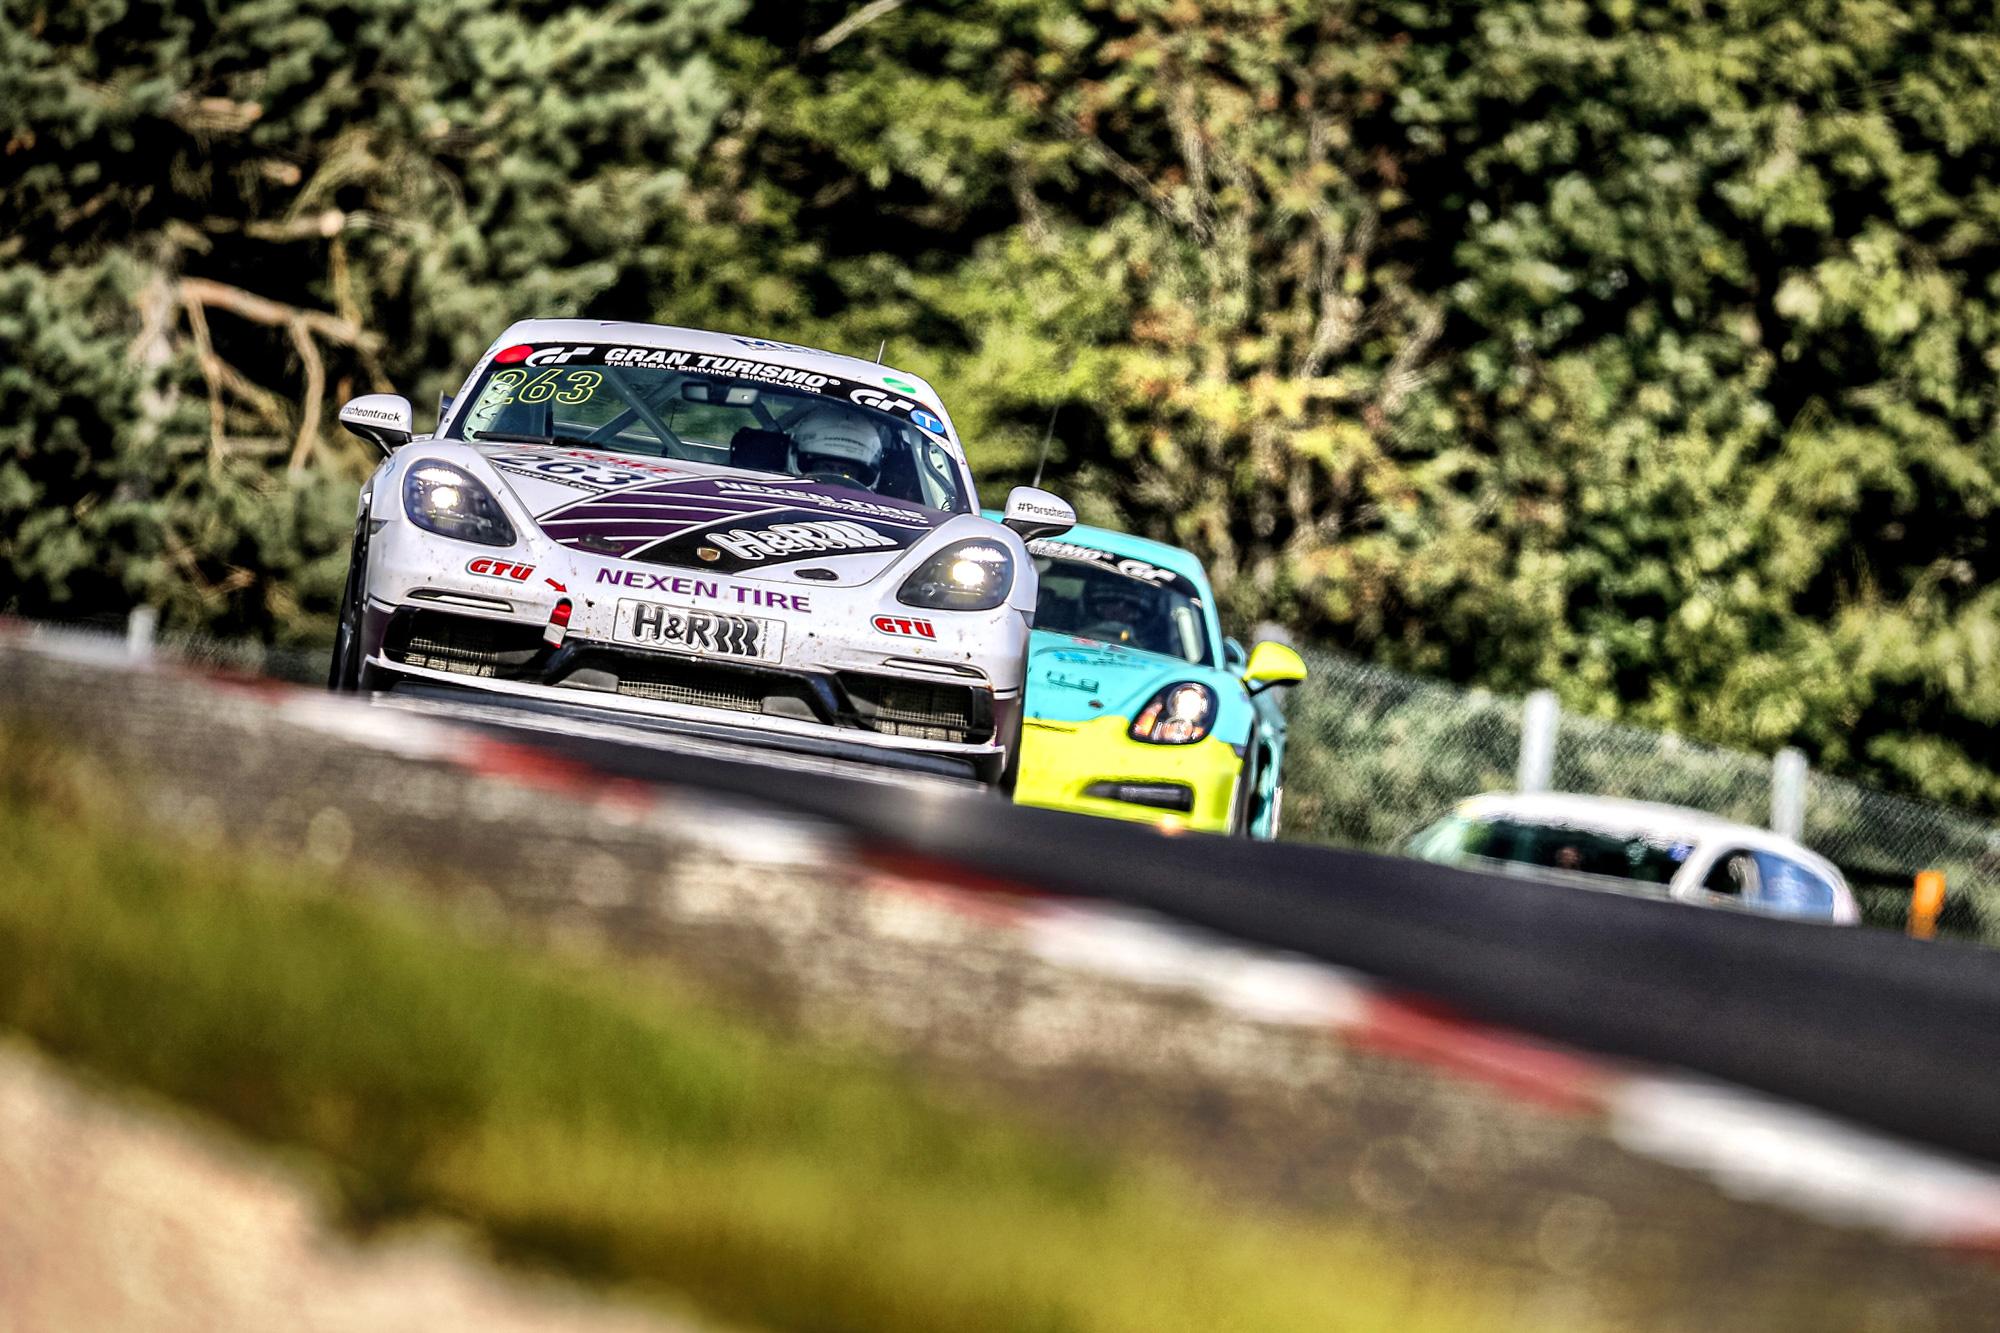 Racing Group Eifel nach 6h-Rennen zufrieden